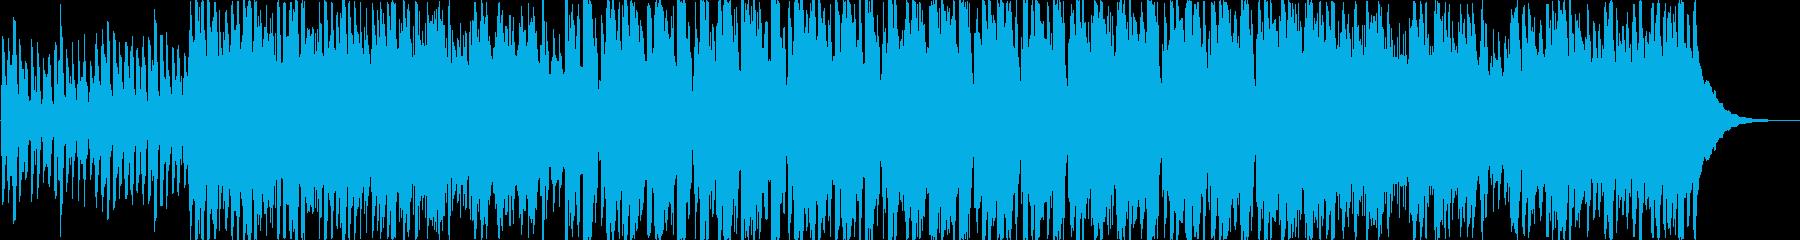 ほのぼのした雰囲気のアコギのインストの再生済みの波形